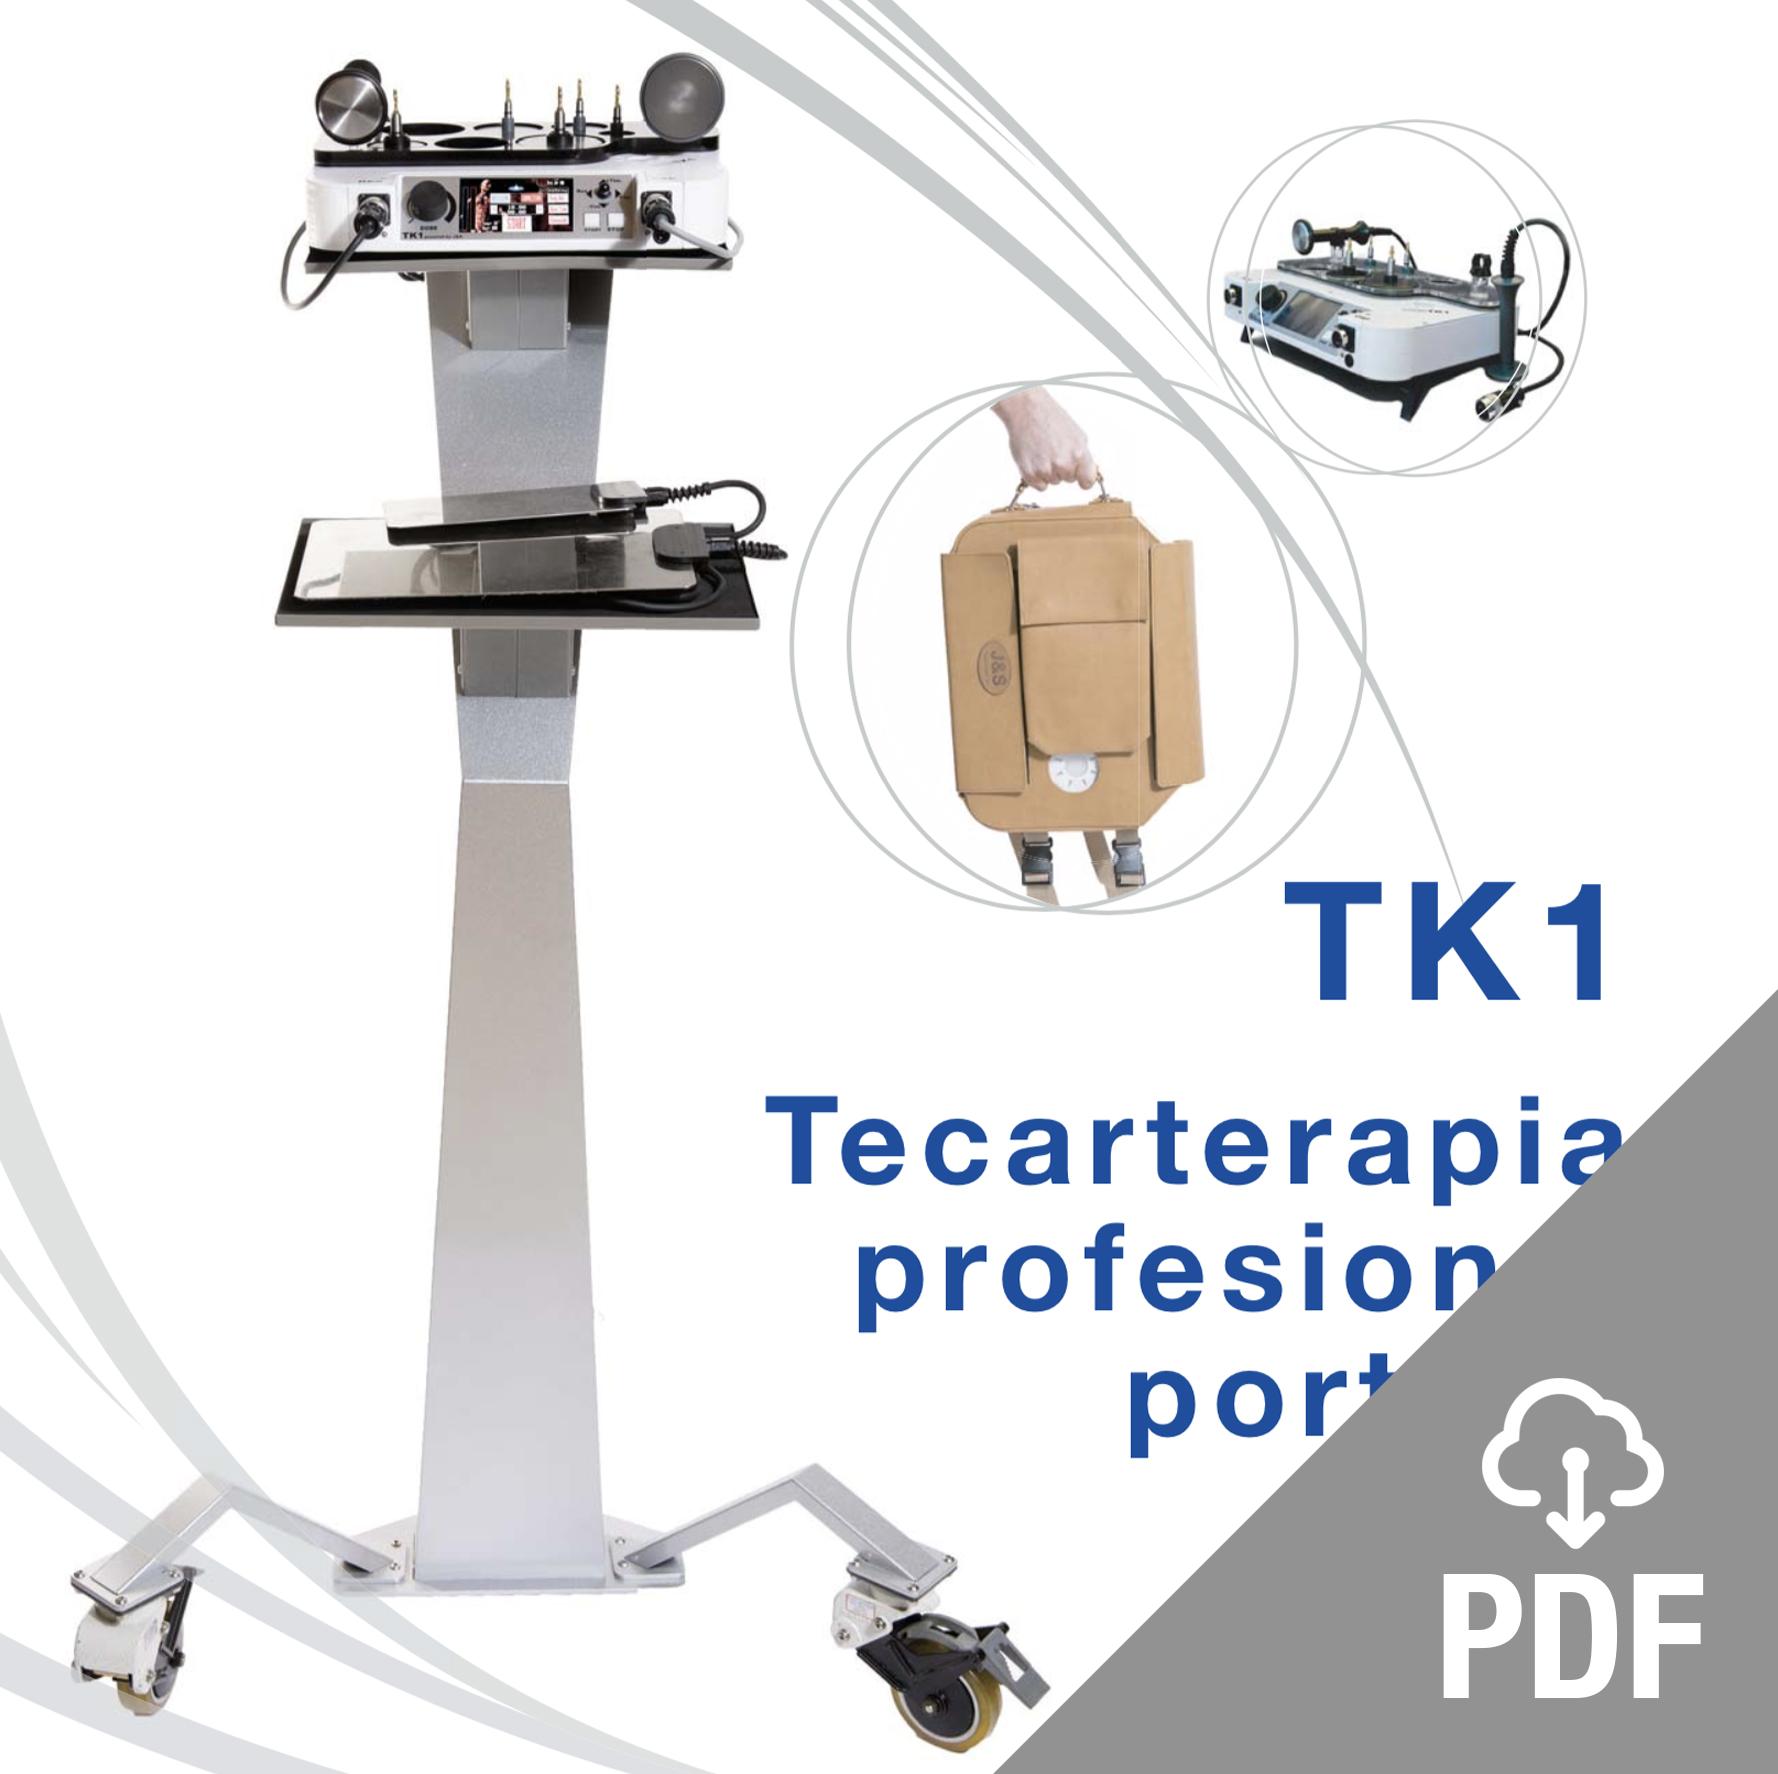 tk1 tecarterapia para fisioterapia permite la selección de formas de ondas y frecuencias, lo que hace que el aparato sea el más versátil del mercado.